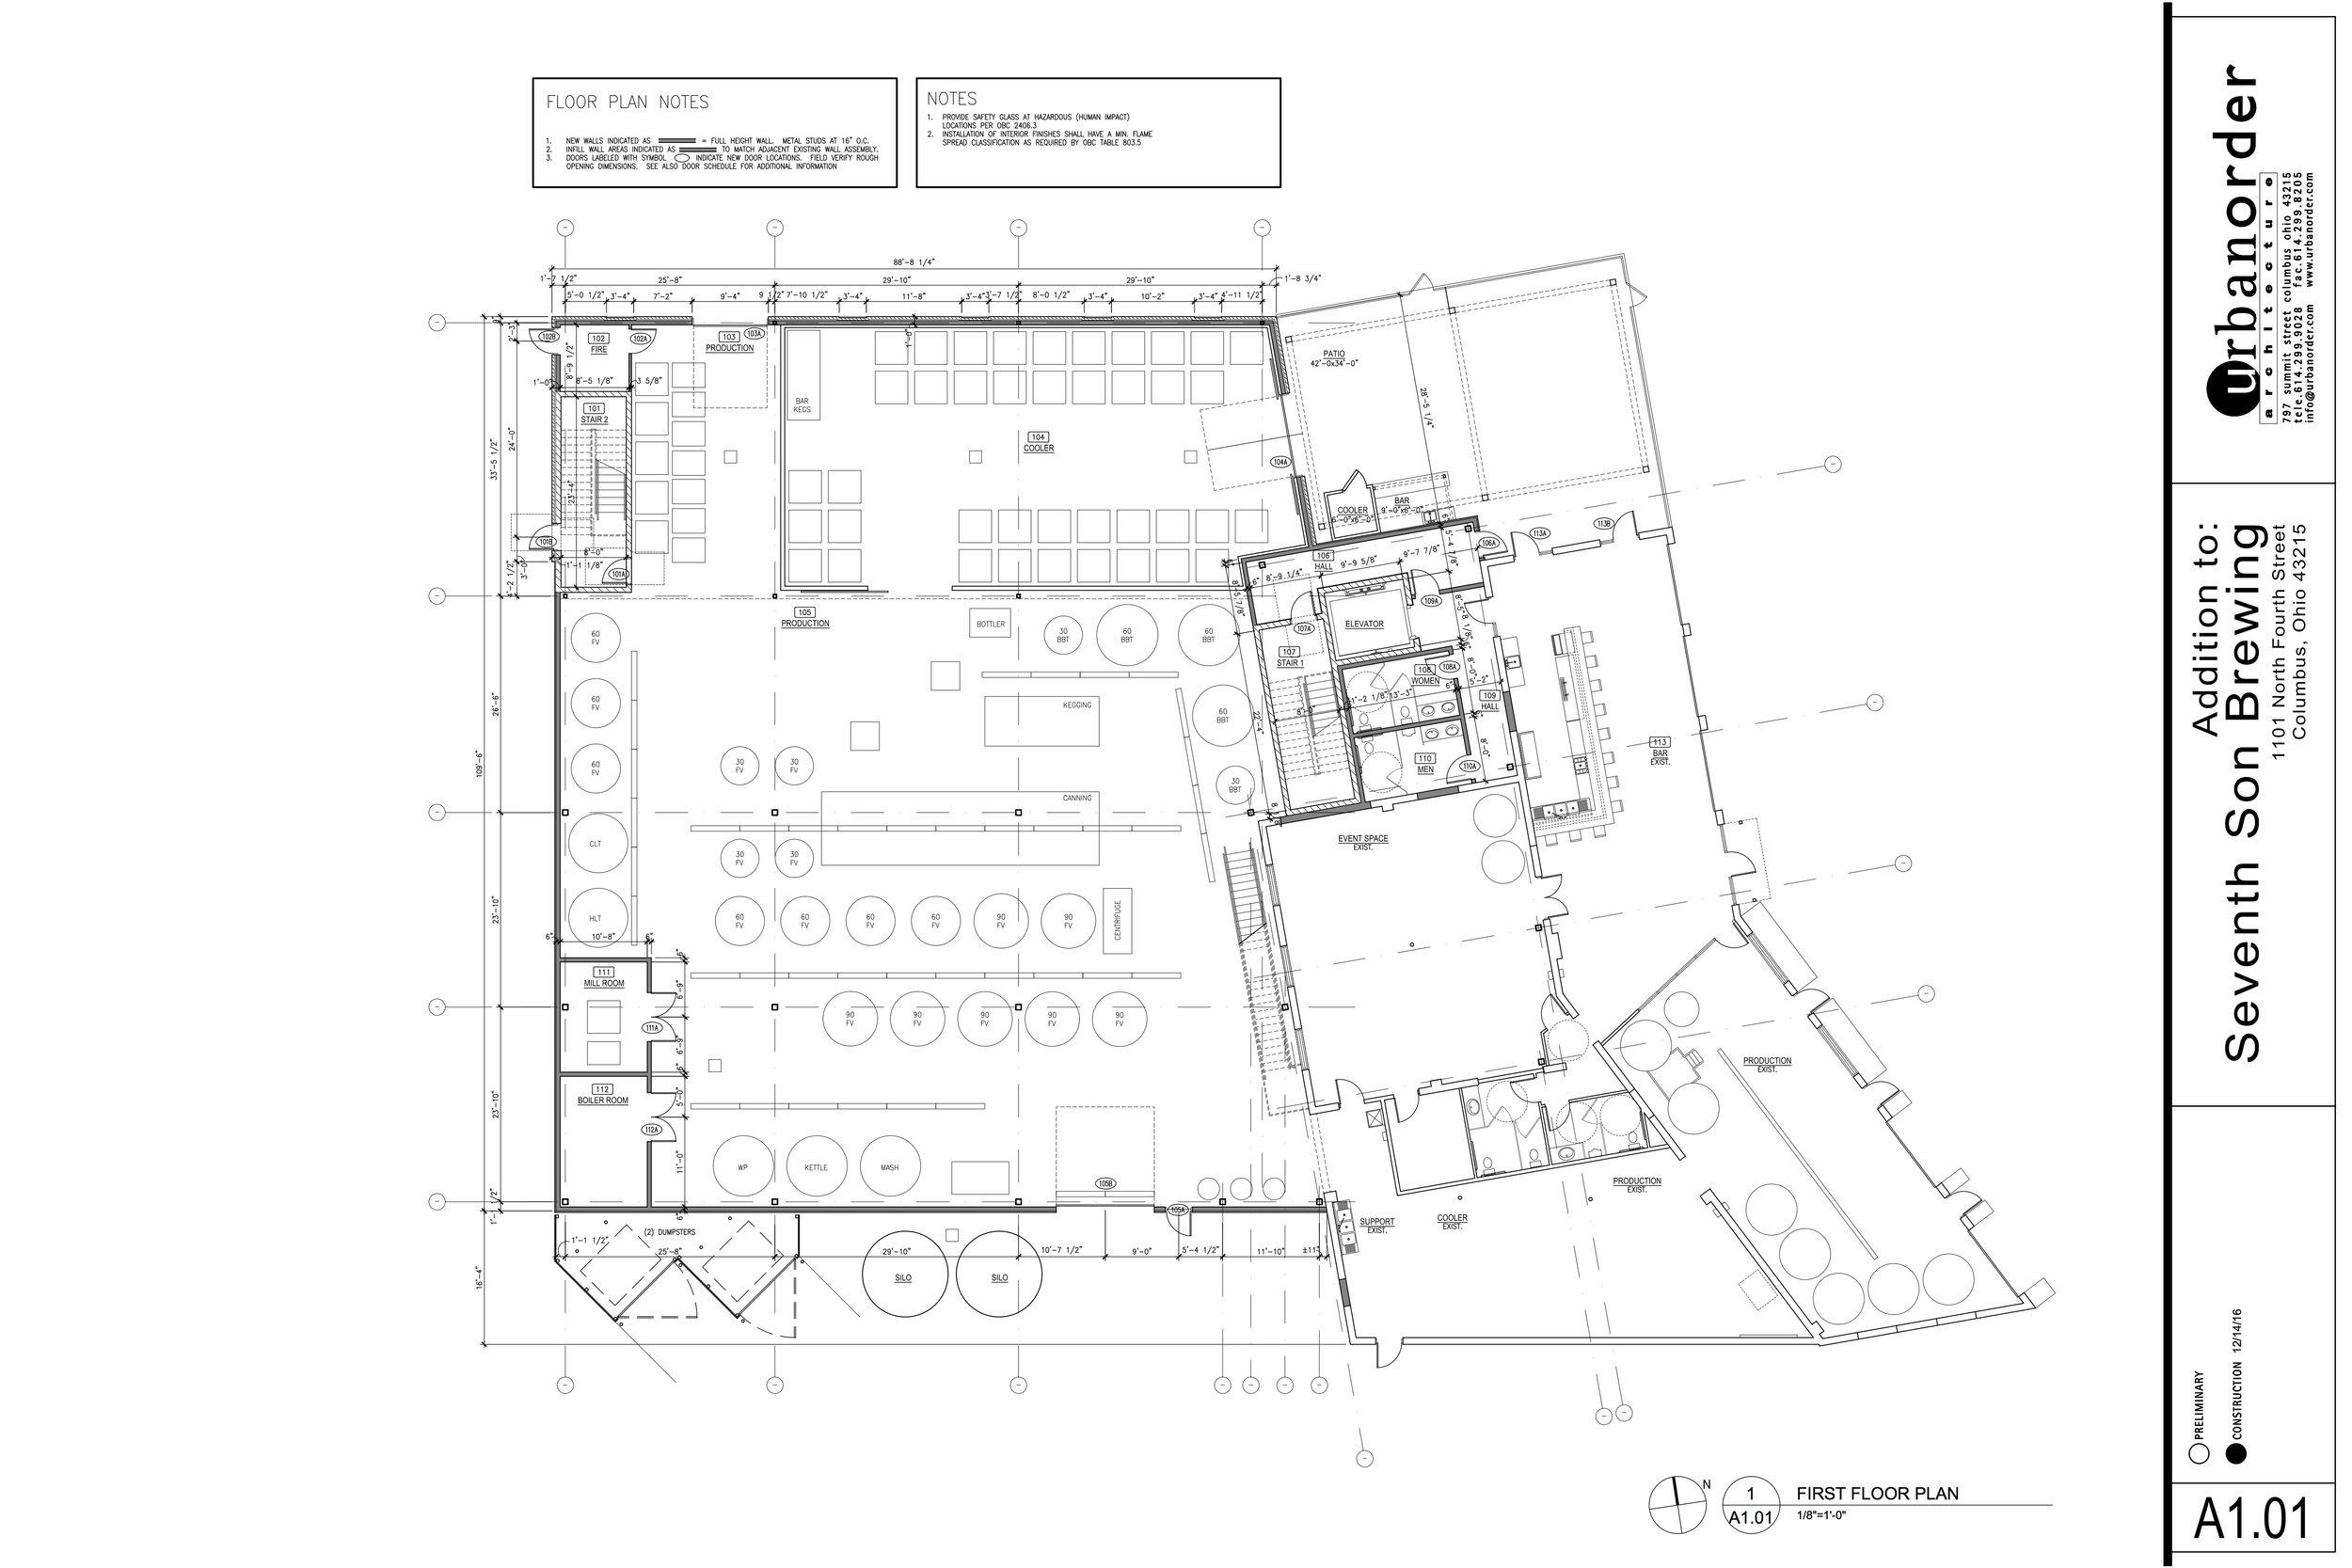 1101 Equipment floor plan.jpg